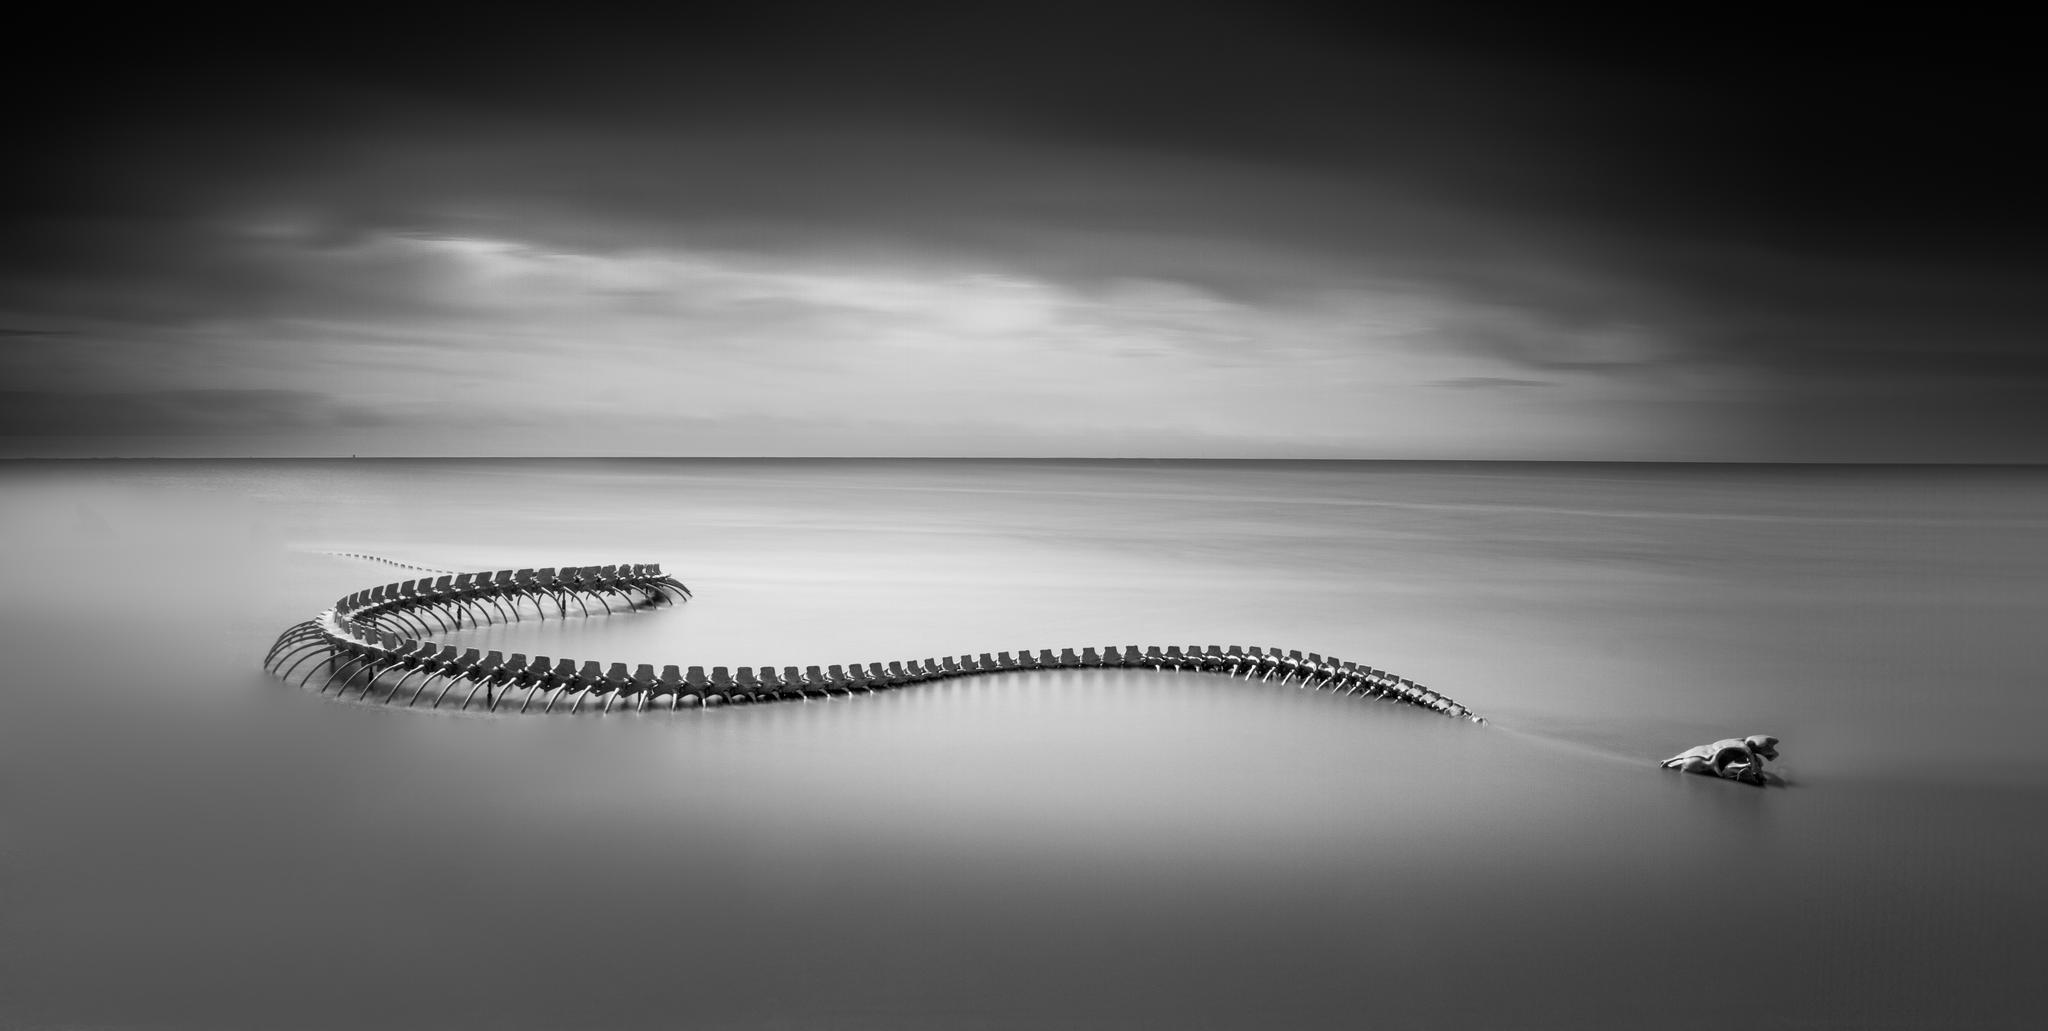 Serpent d'Océan  (Huang Yong Ping, 2012, aluminum sculpture)